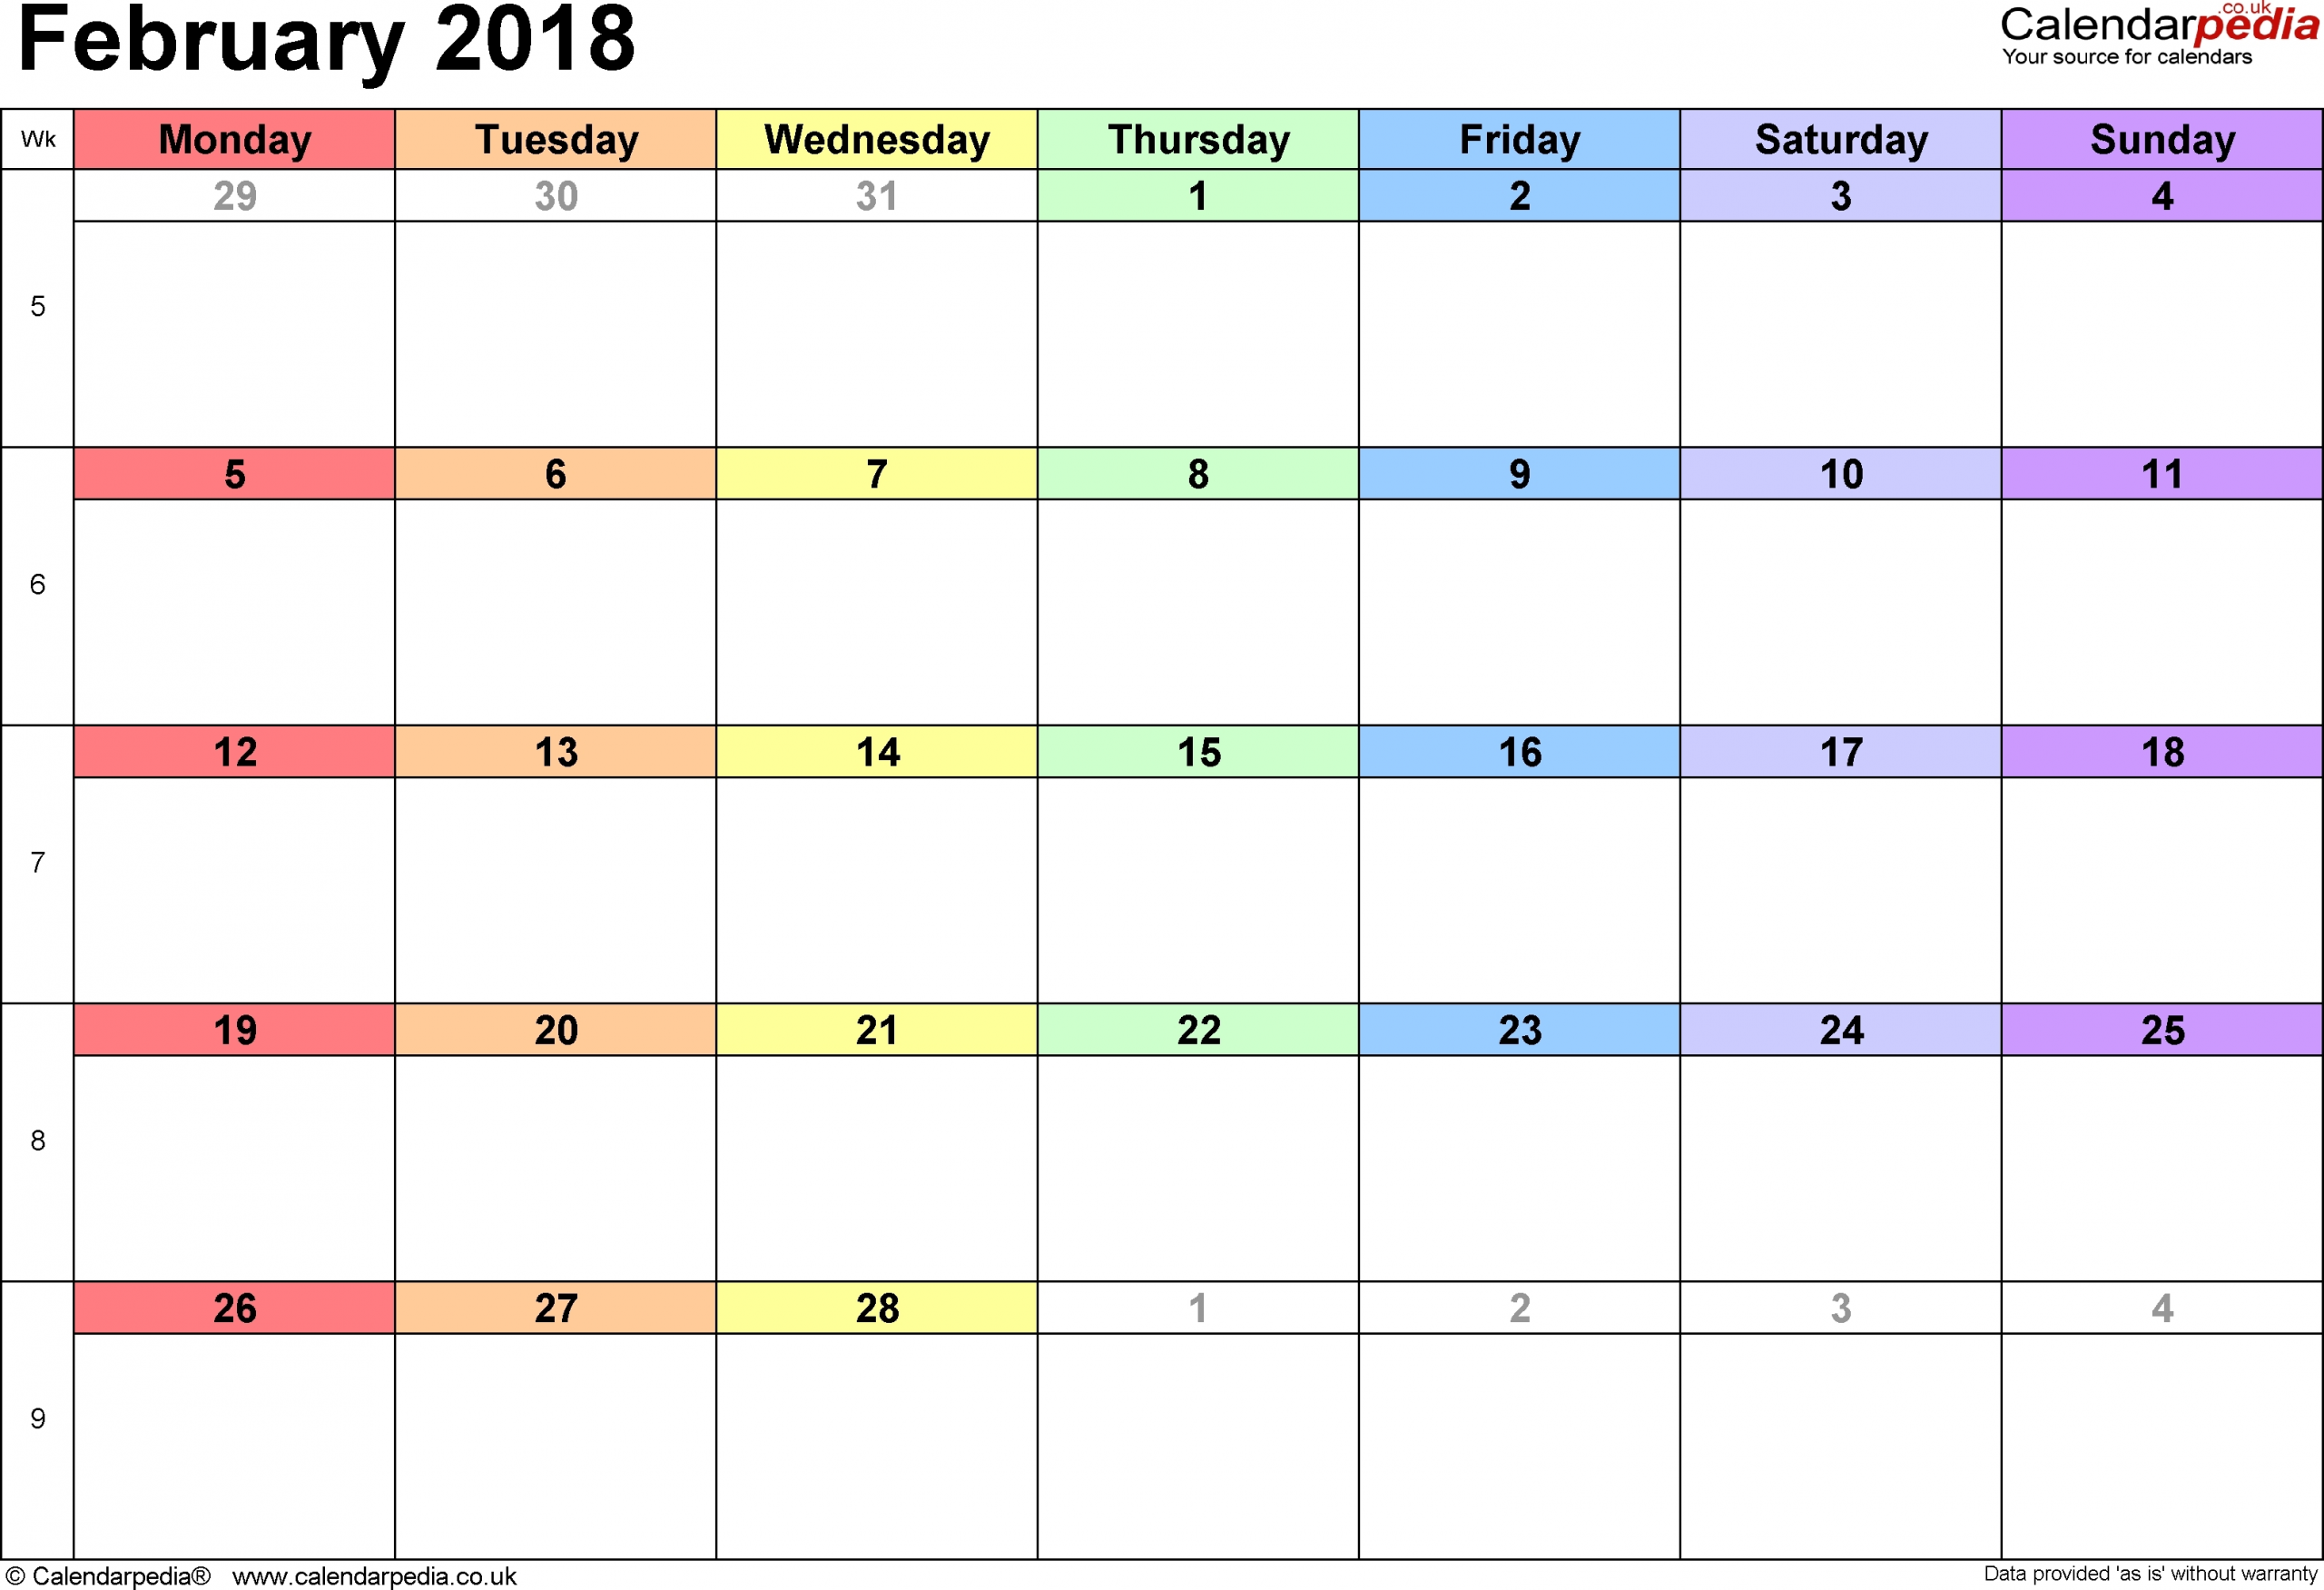 Calendar For February 2018 Uk   Qualads